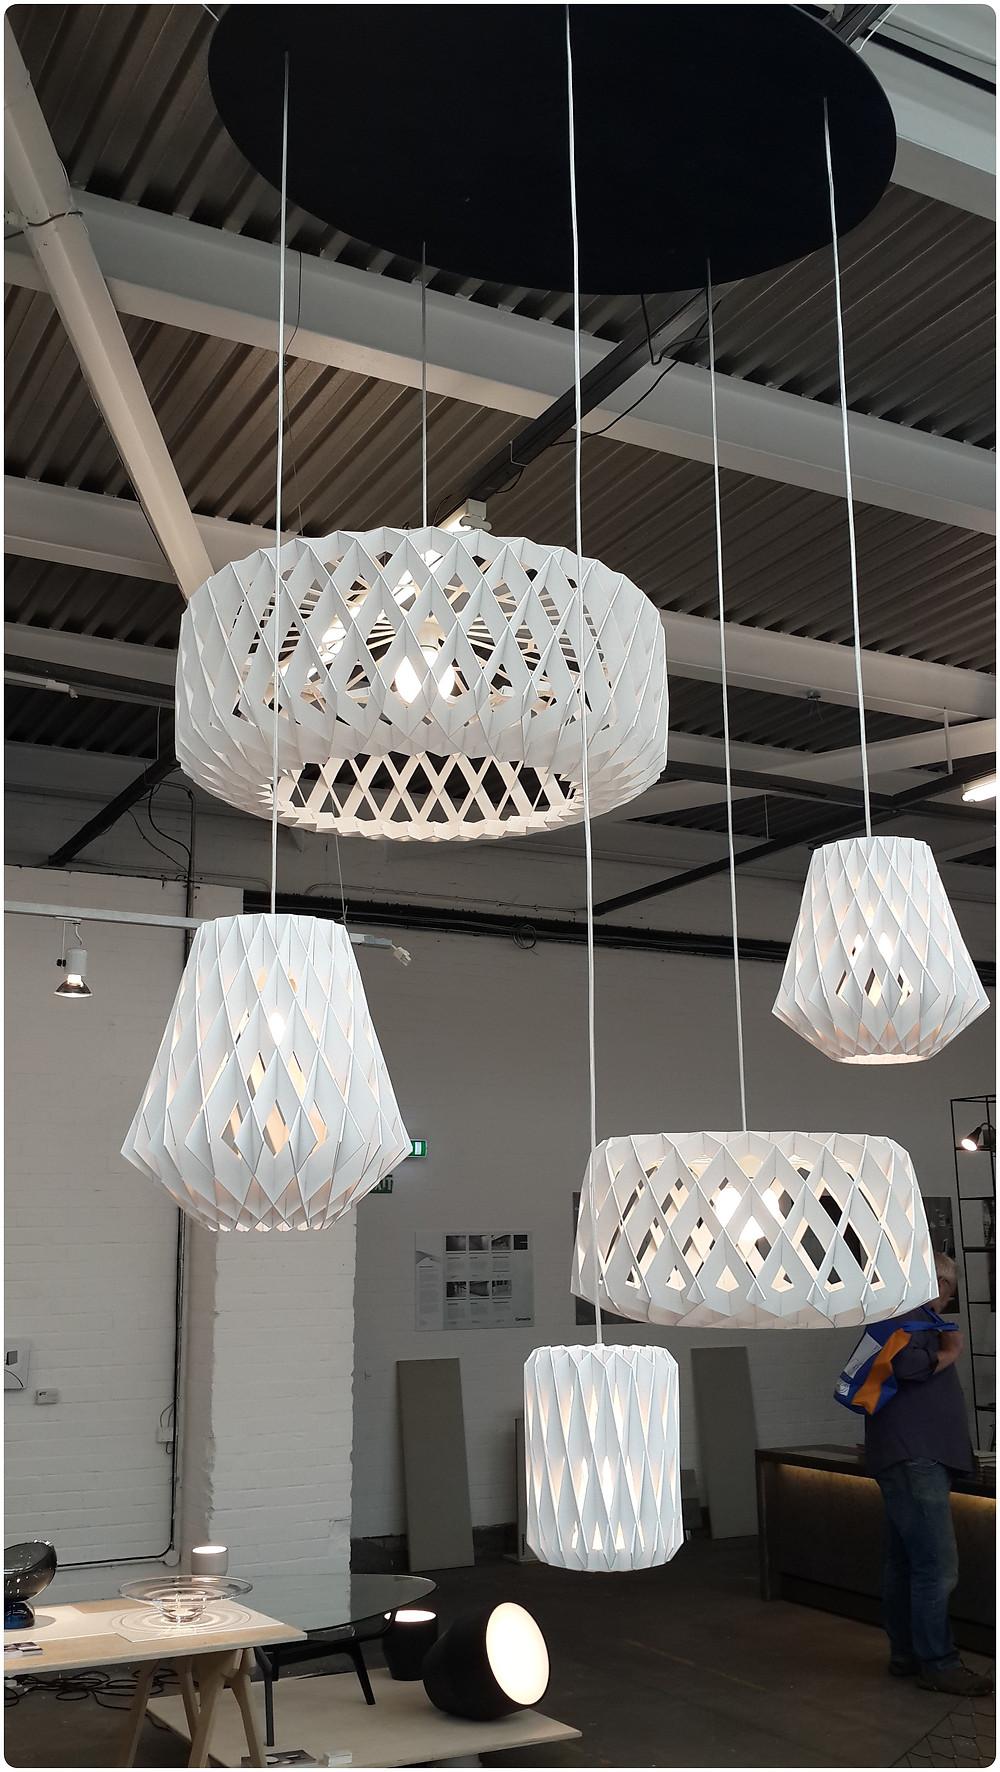 גופי תאורה אוריגמי תערוכת העיצוב בלונדון צילום ועריכה: רויטל רודצקי עיצוב פנים והום סטיילינג